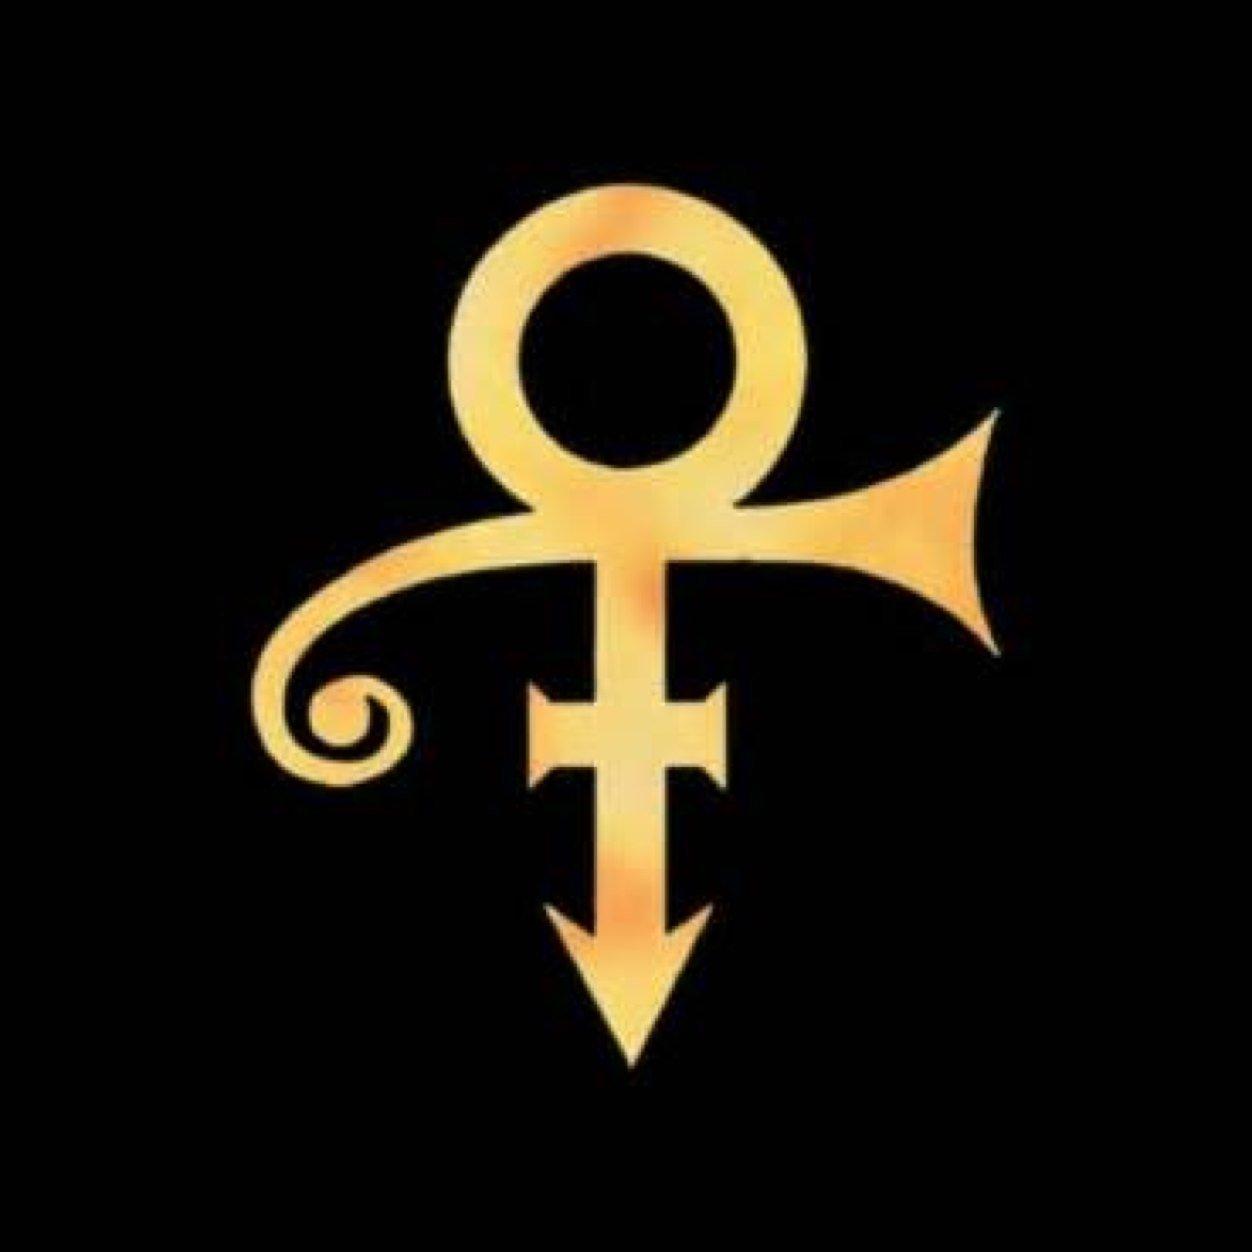 Purpleoneart Purpleoneart Twitter